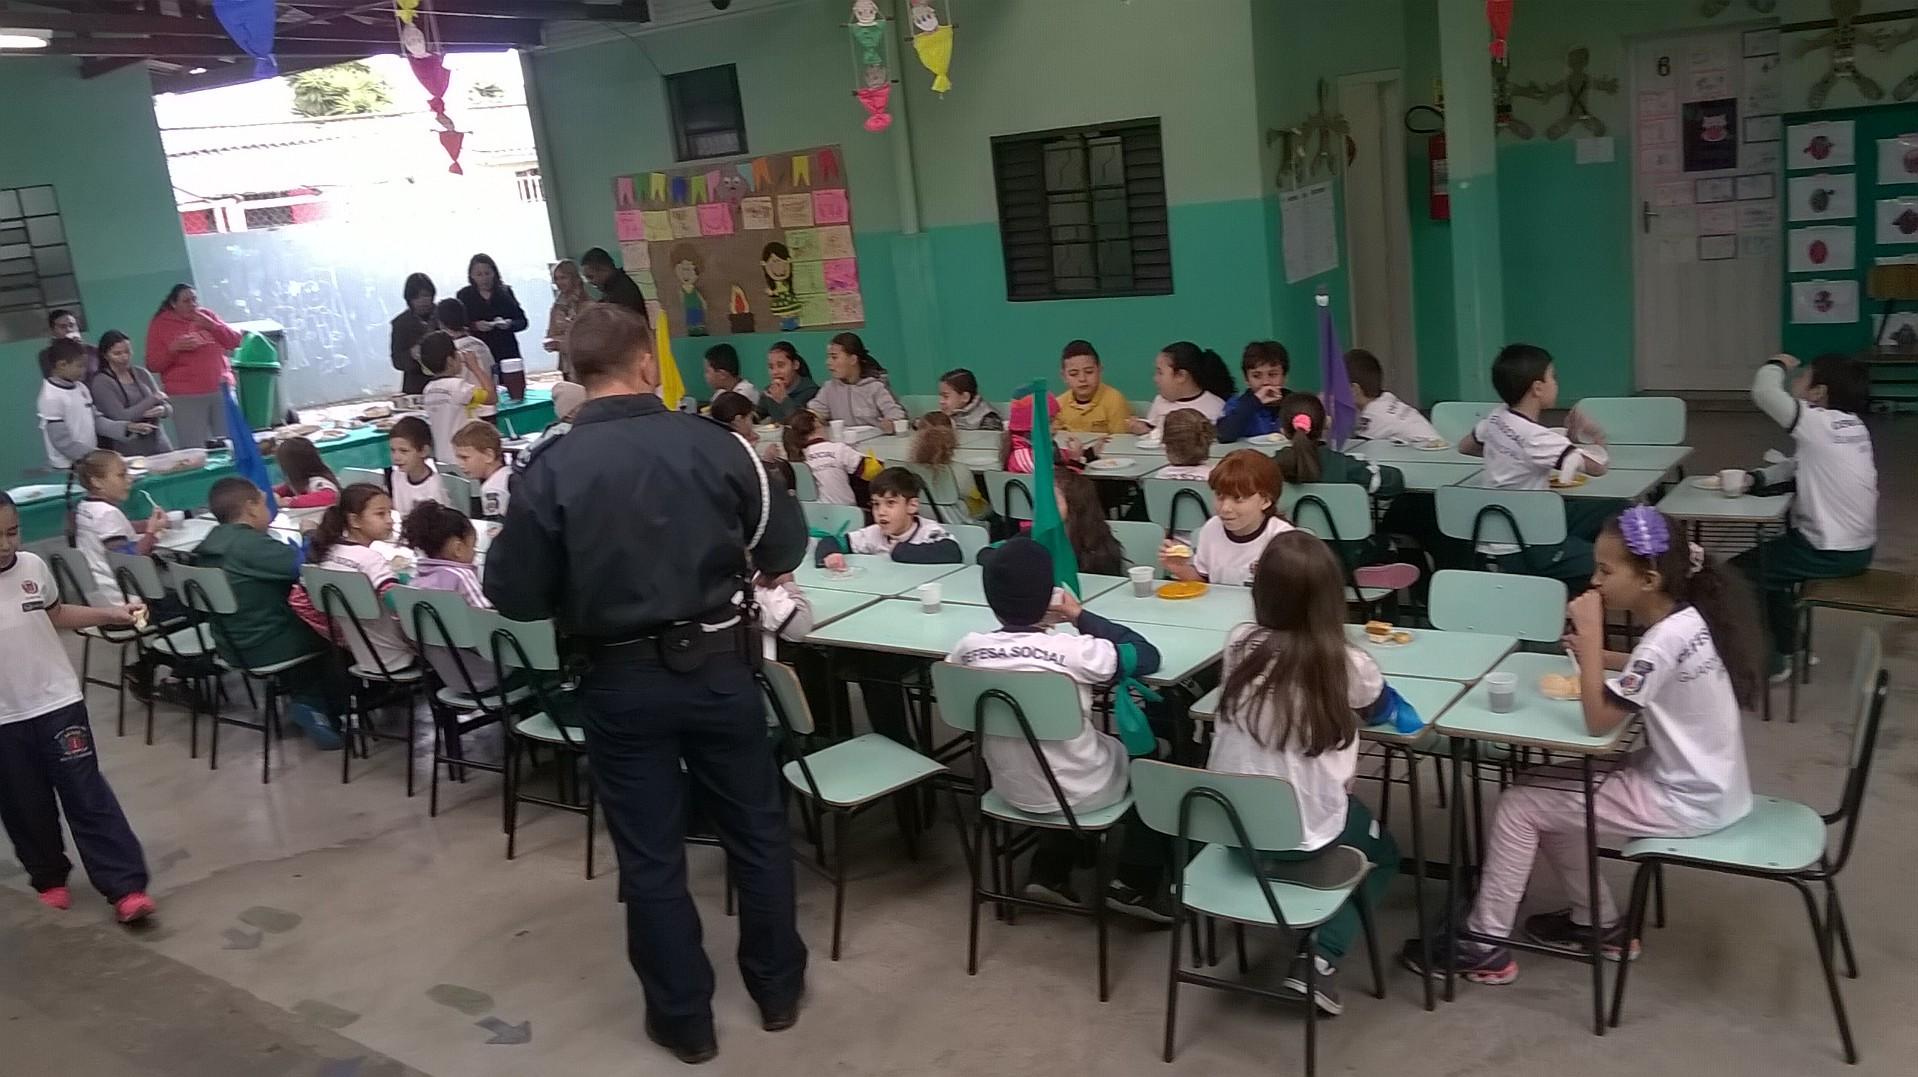 Programa da Guarda Municipal com os Guardas Mirins no EMED - Tema do dia: Inclusão Social. 20 de junho, foi um dia especial e muito divertido!